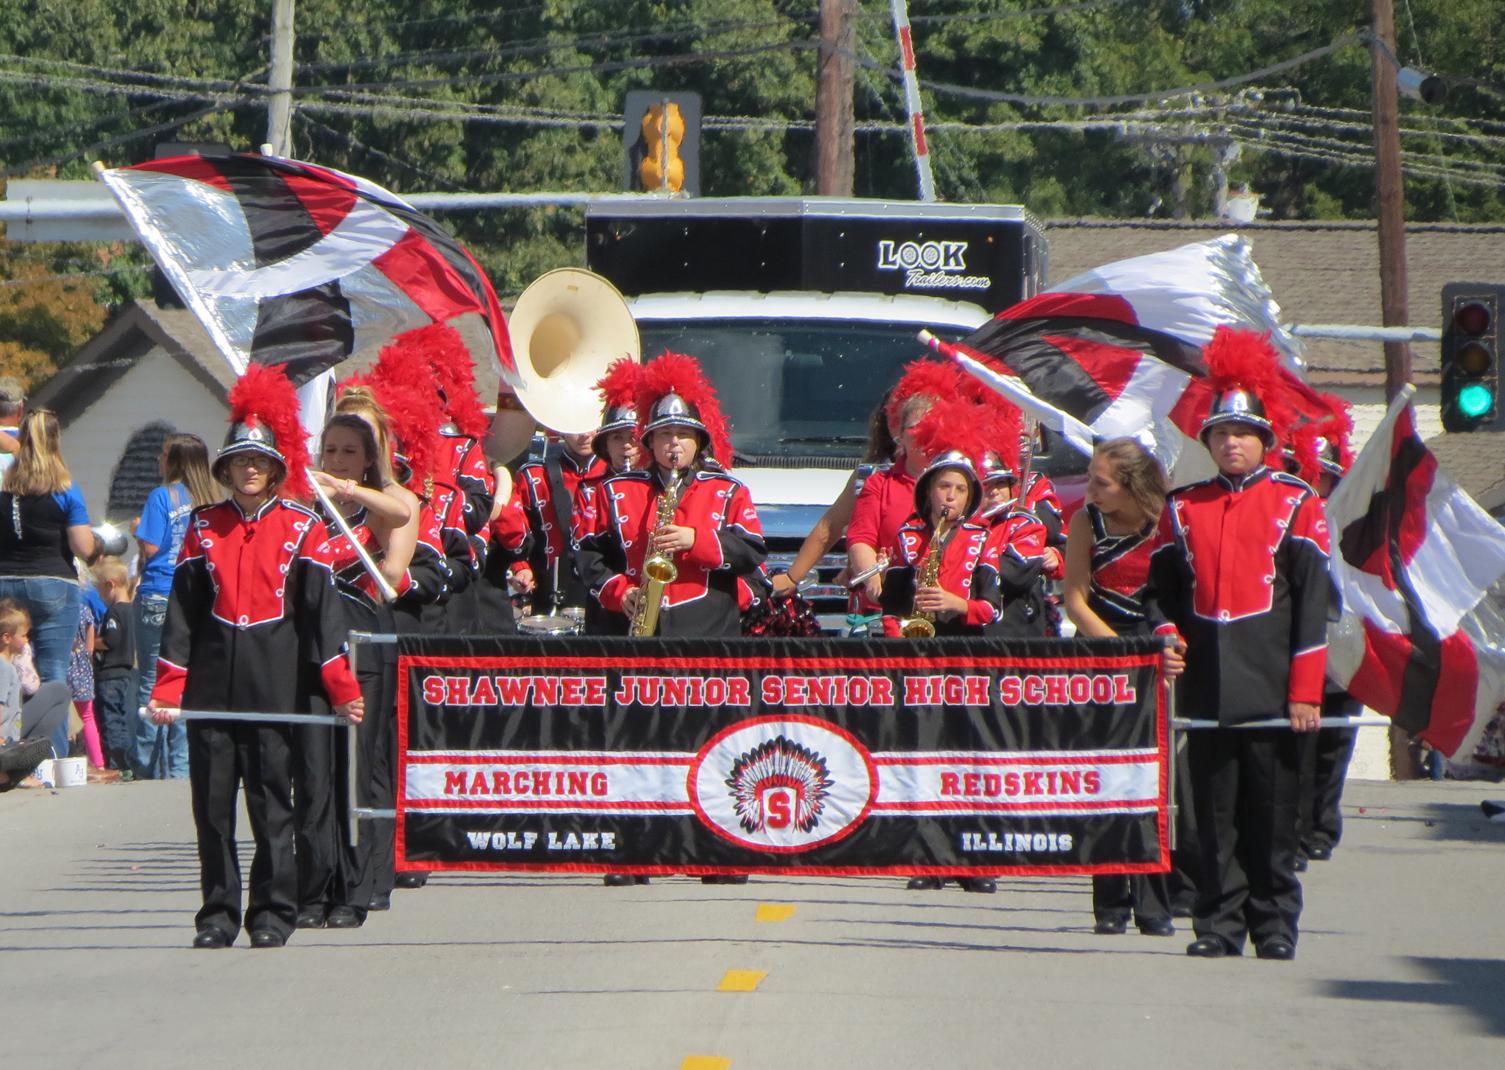 Shawnee High School marching band